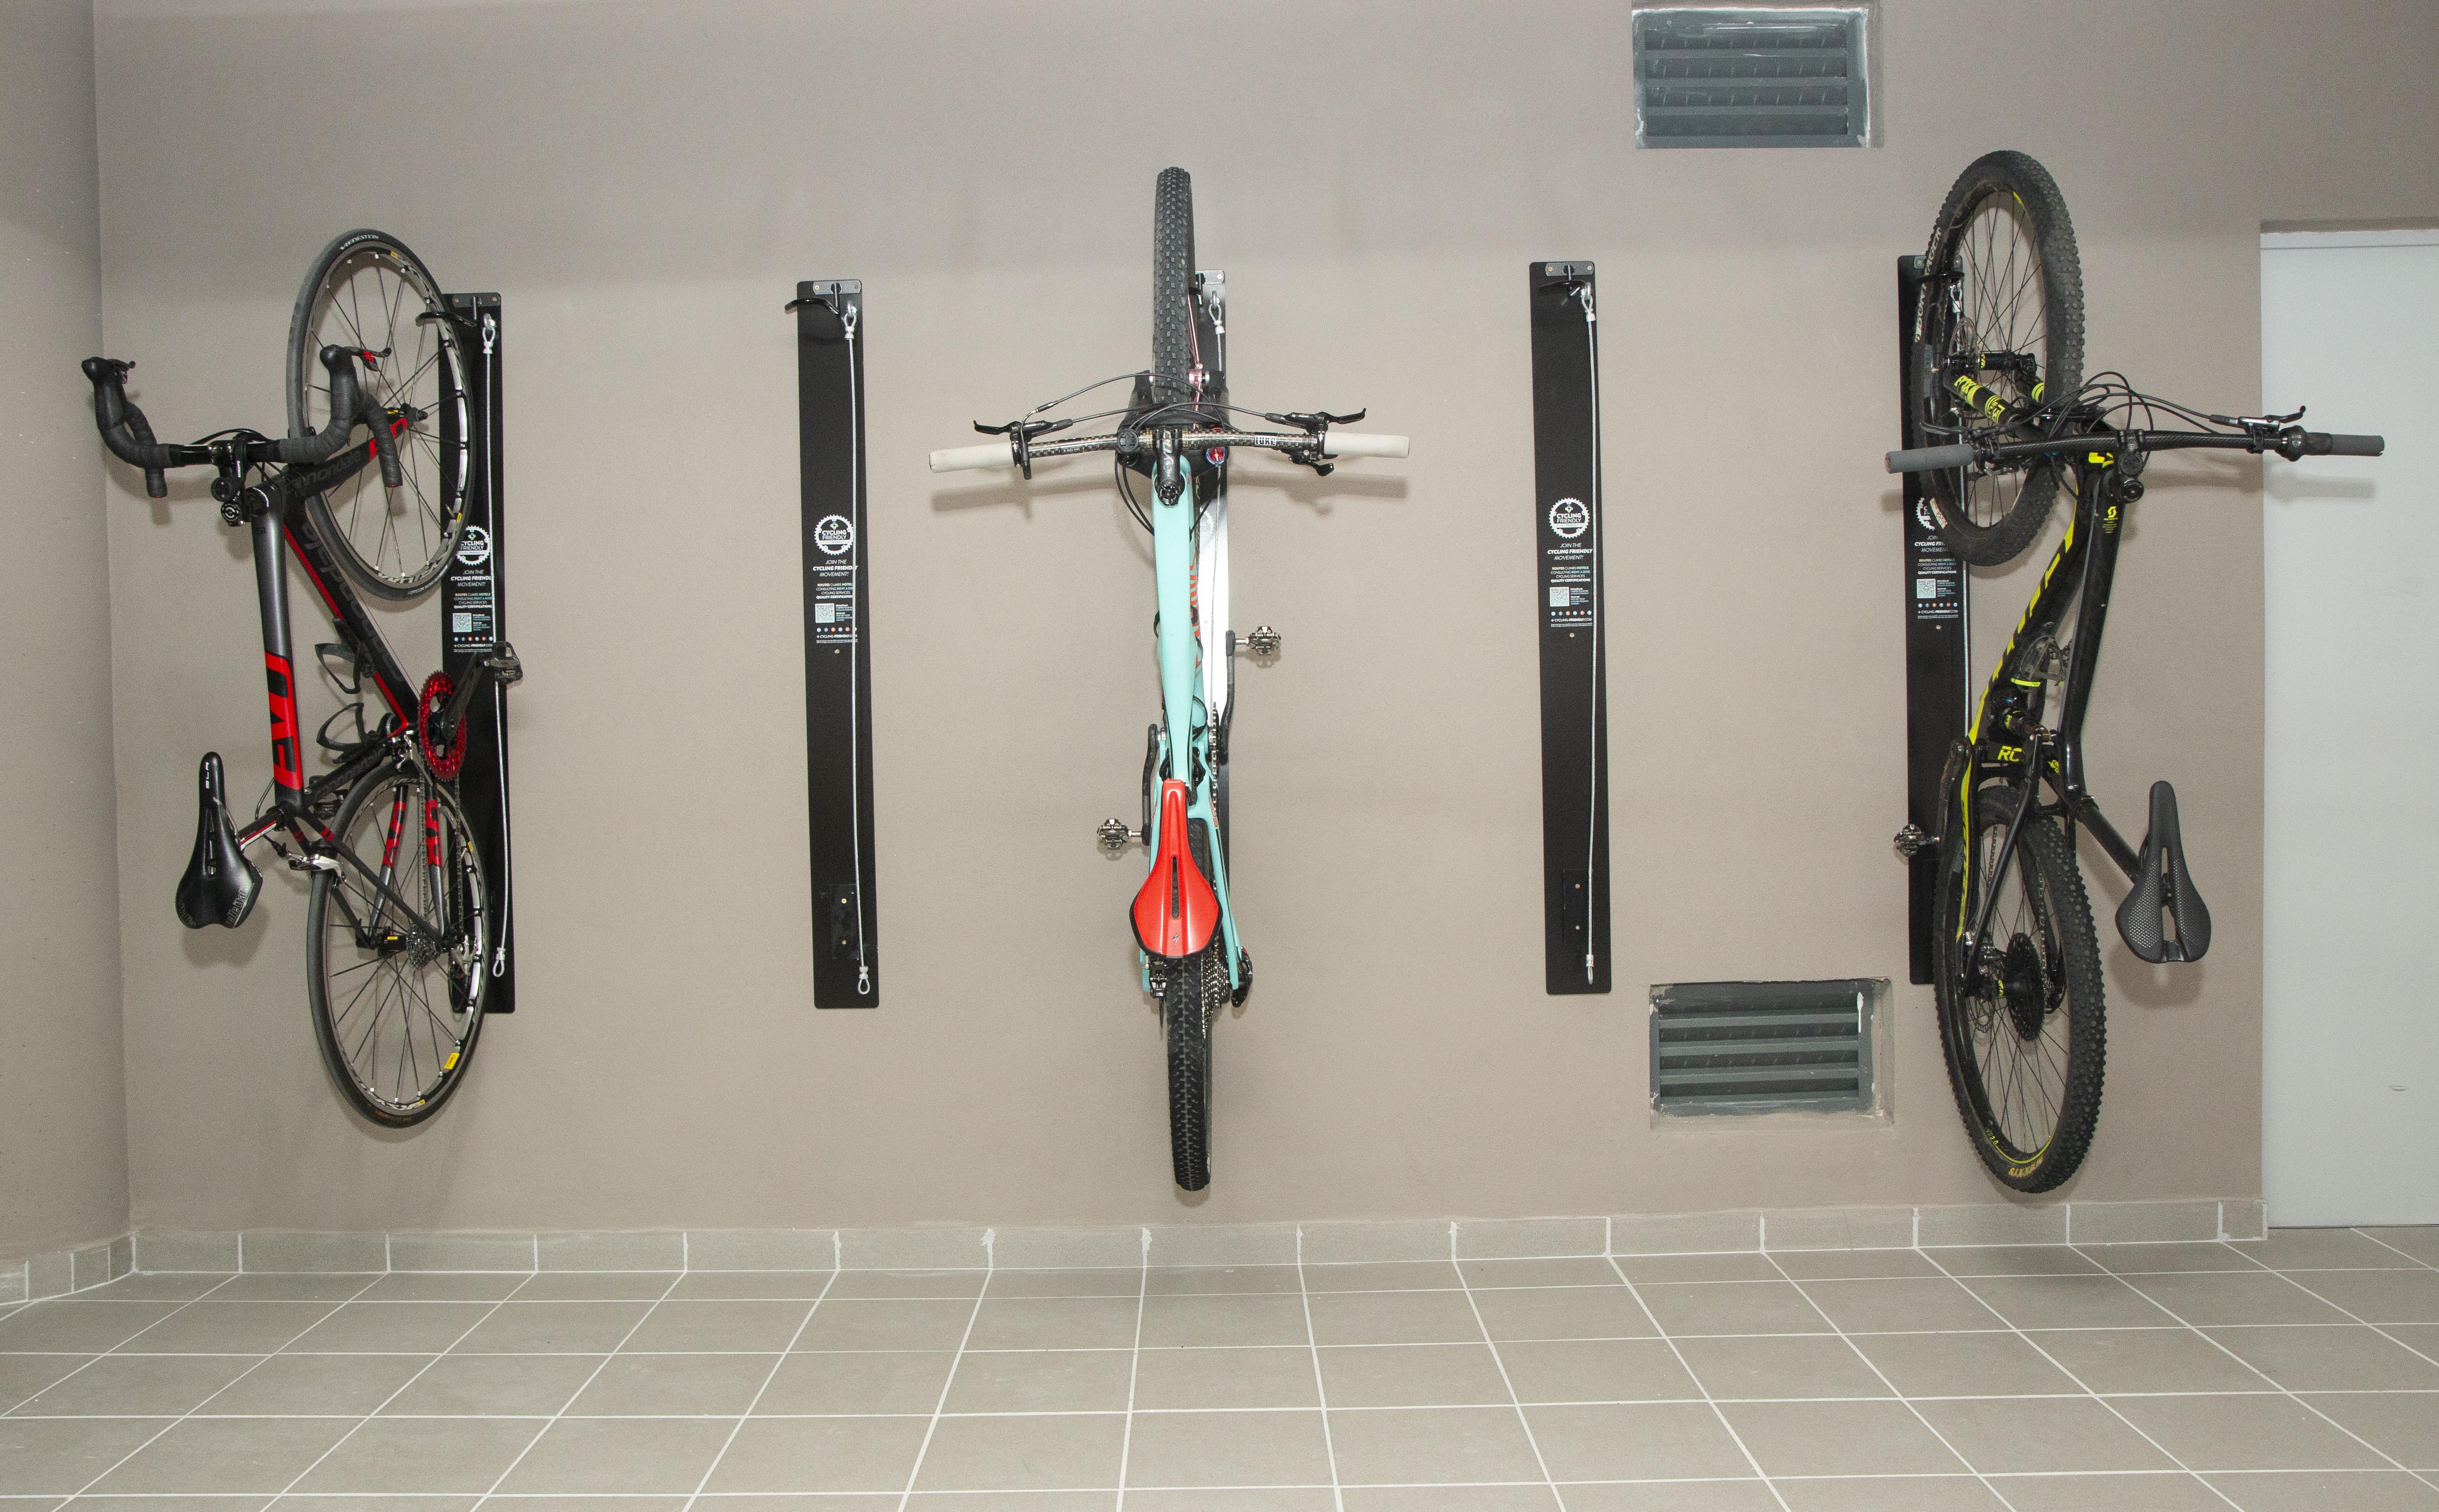 Imagen que contiene bicicleta, garaje